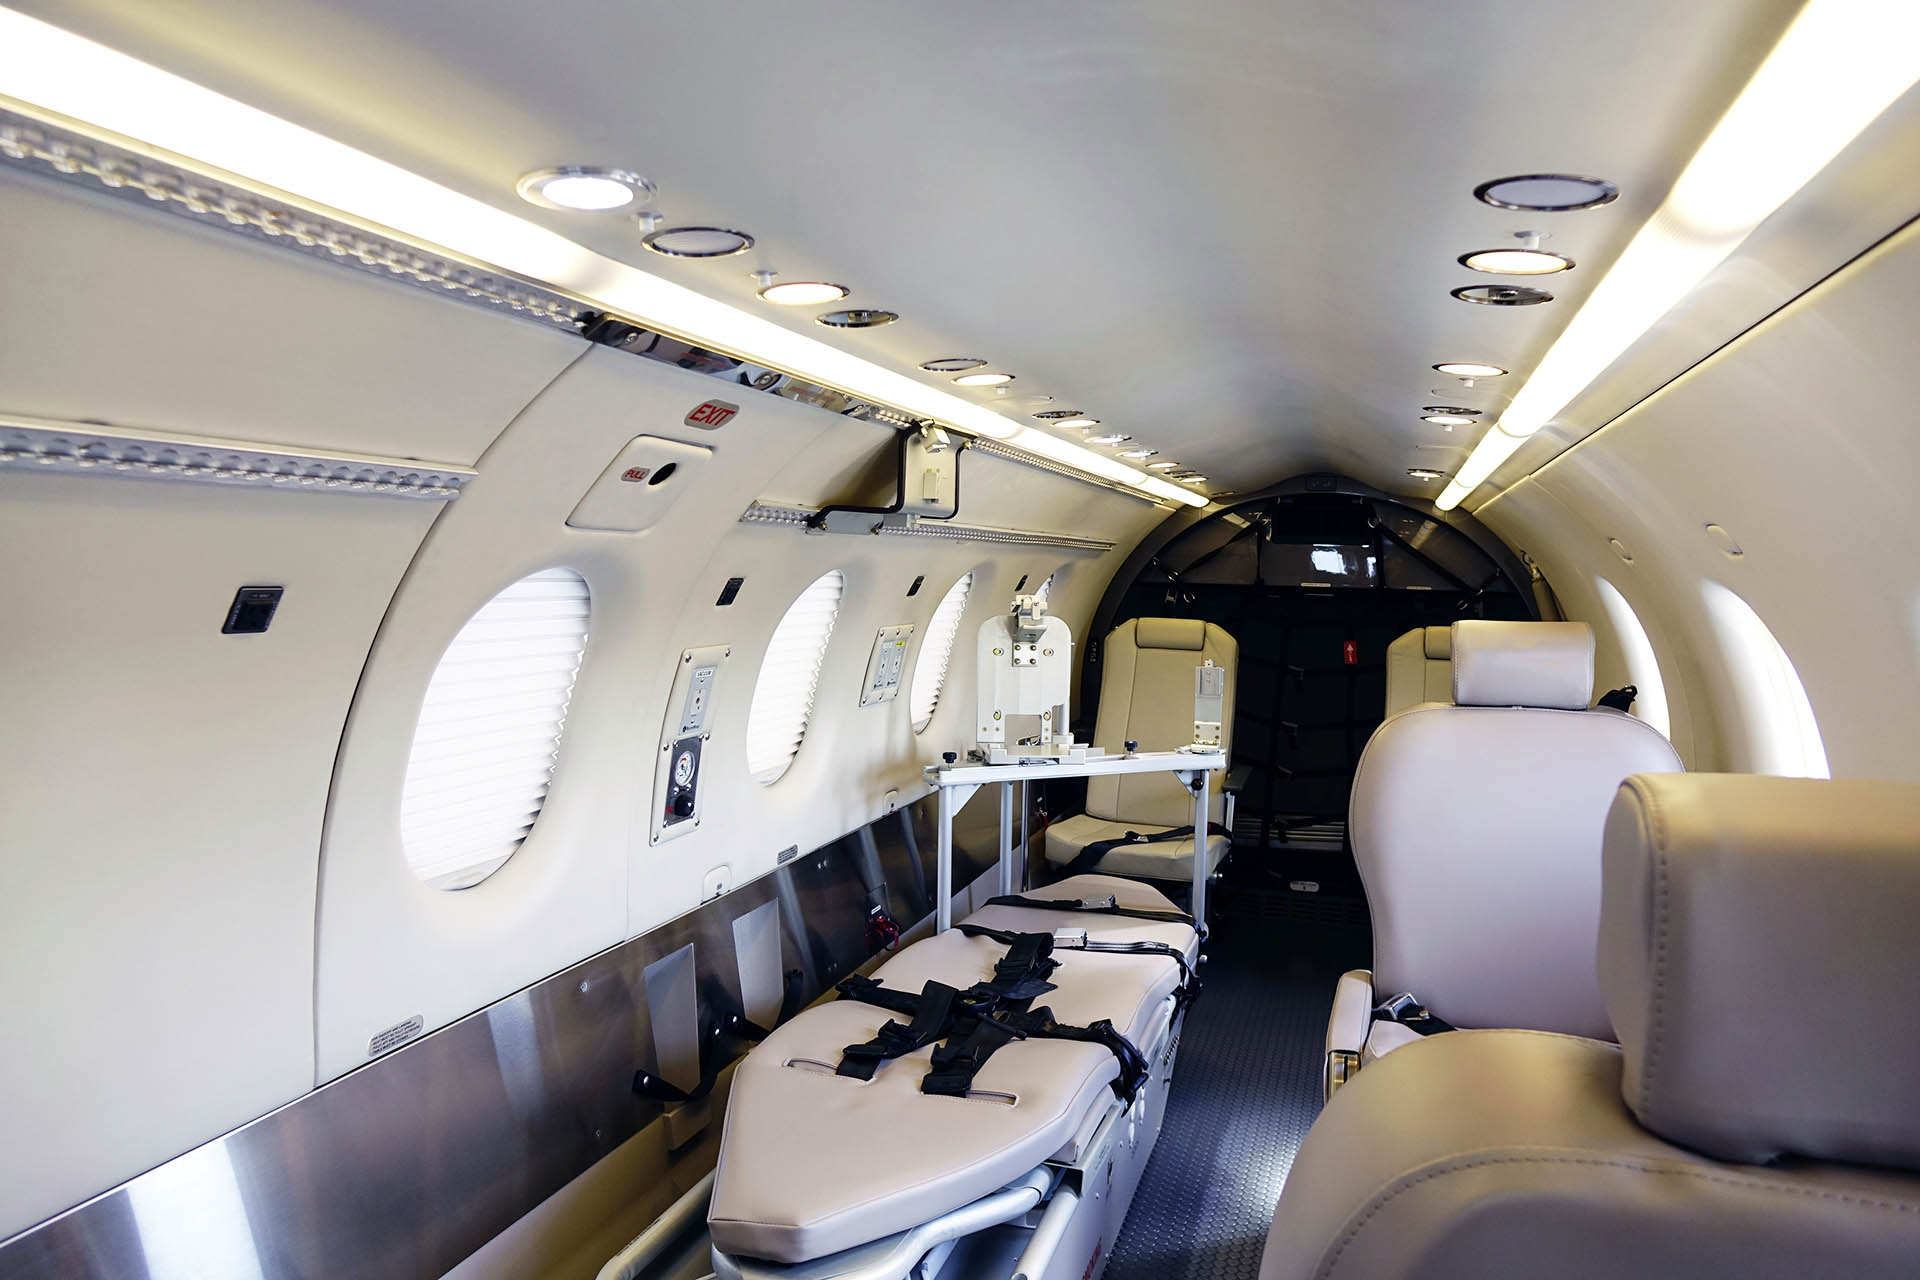 pc-12 pilatus service airmed interior fargo jet center